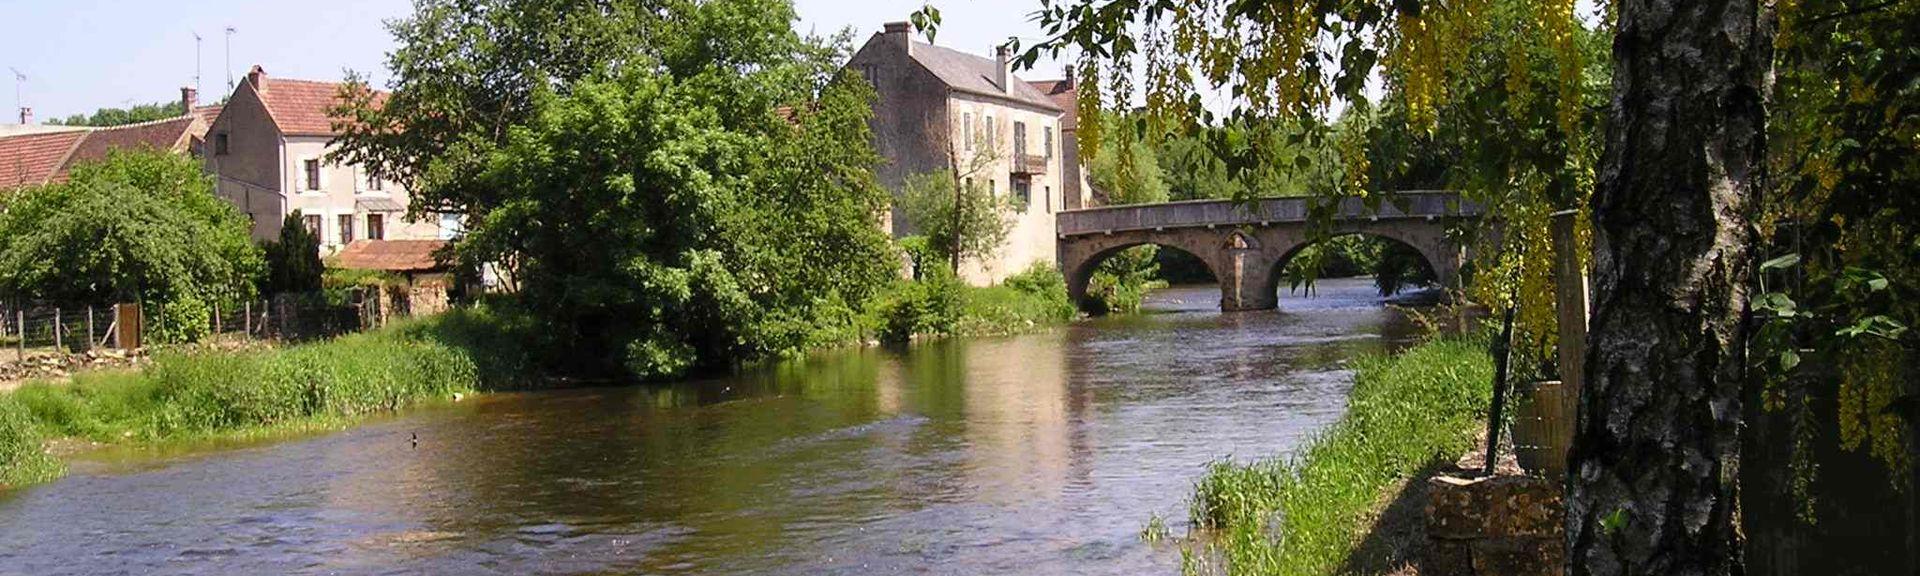 Clamecy, Bourgogne-Franche-Comté, Frankrijk